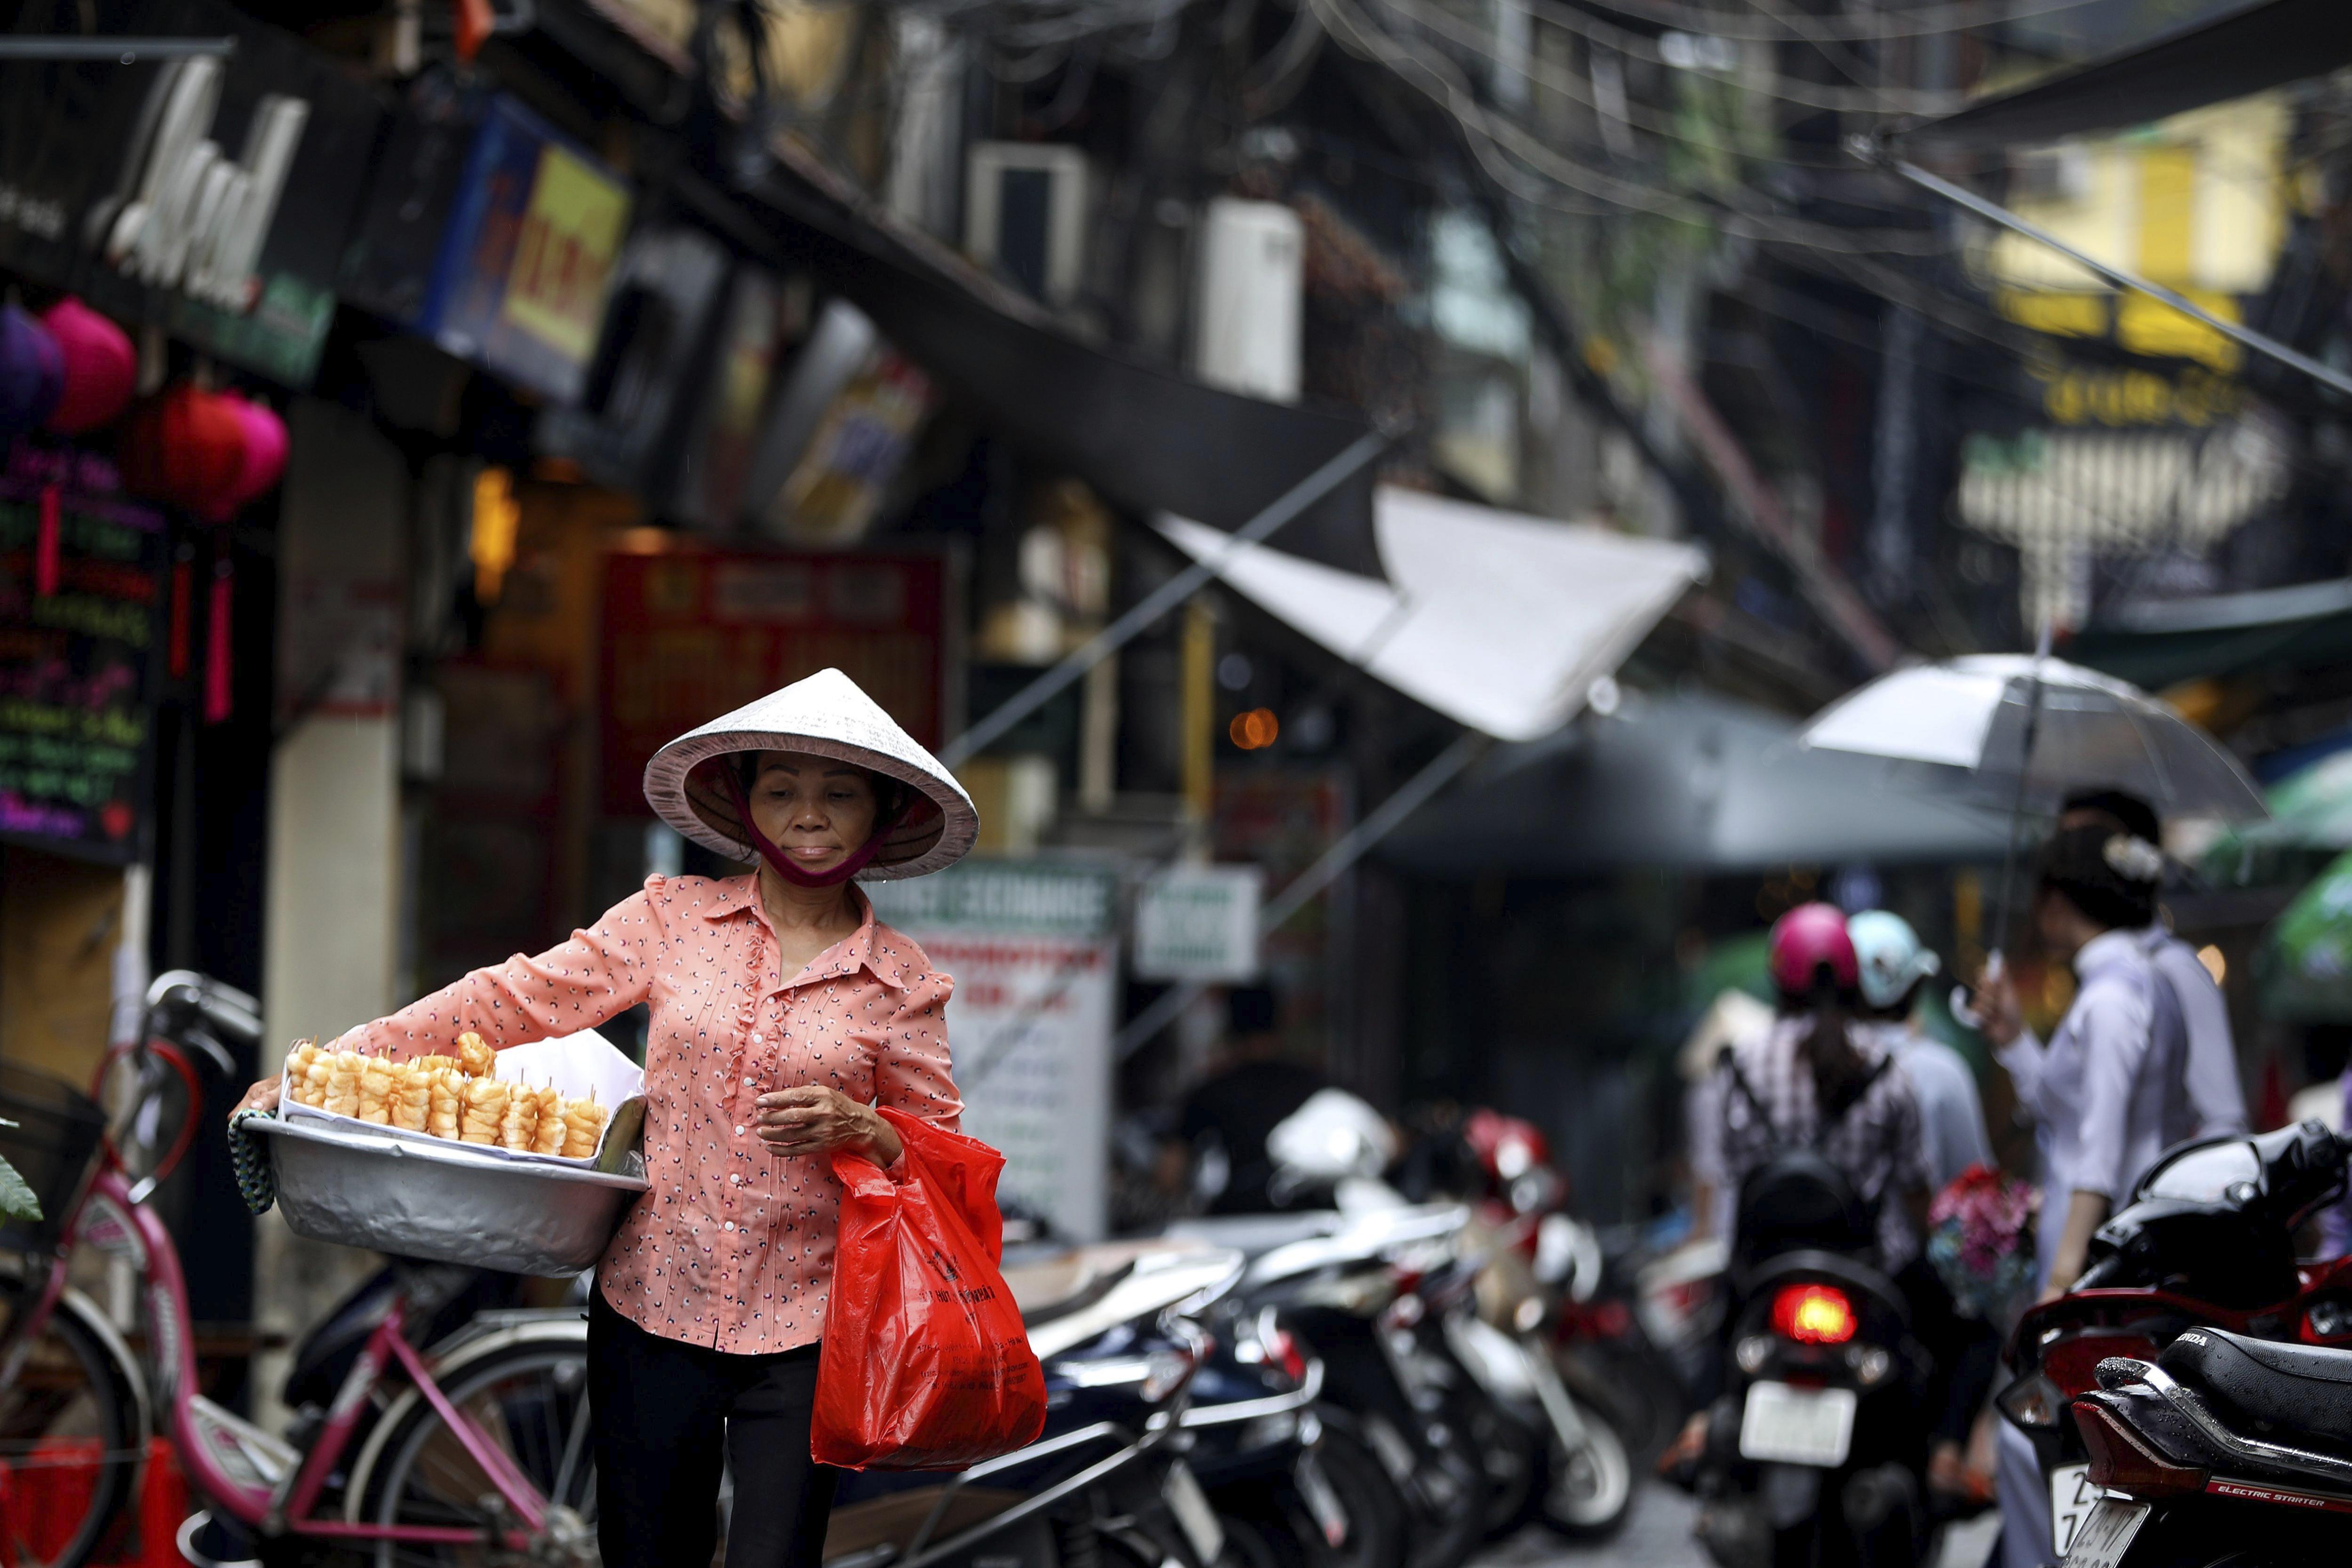 Una venedora recorre un carrer a Hanoi (Vietnam). Es preveu que el PIB vietnamita creixi un 6,5% aquest any. /LUONG THAI LINH